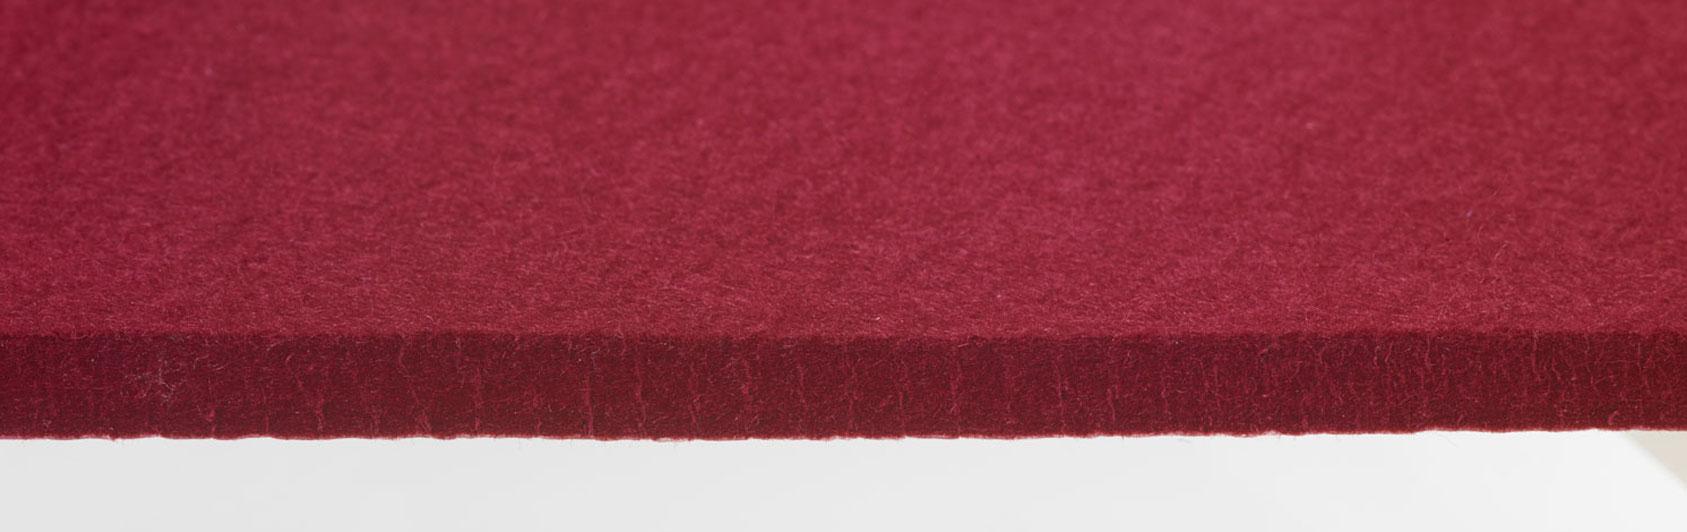 coussin qualité feutre couleur rouge